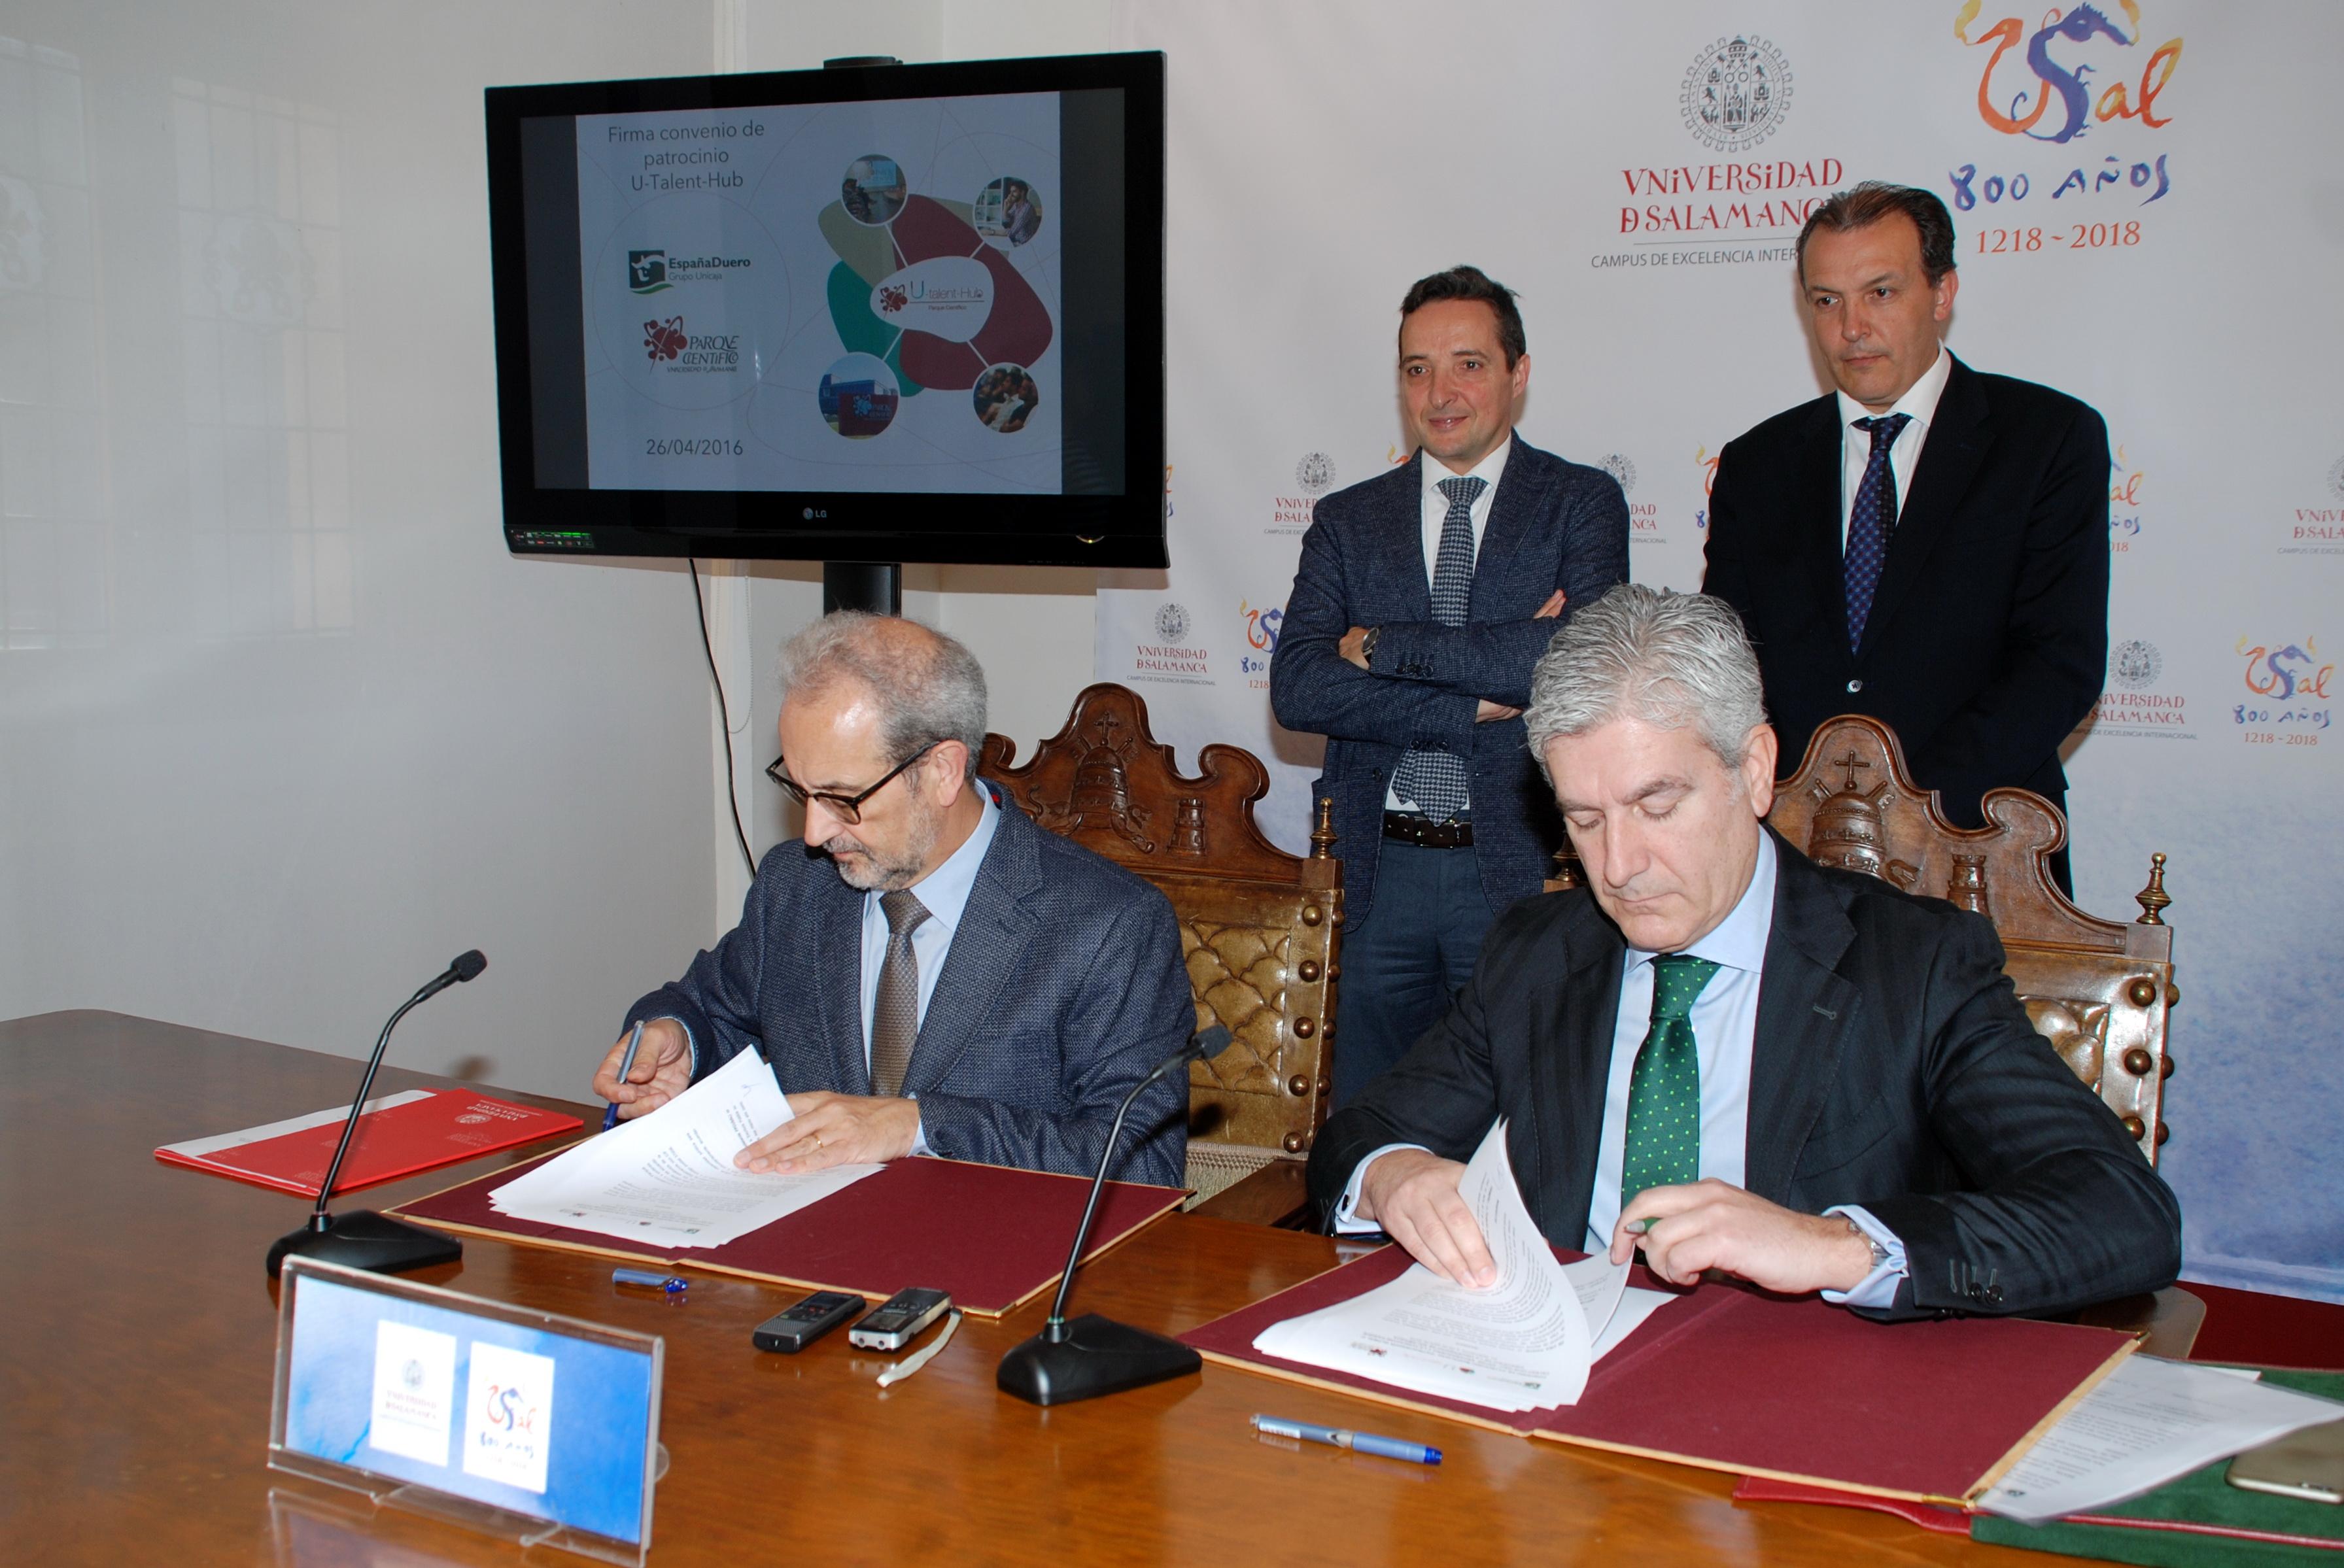 El Parque Científico de la Universidad de Salamanca y EspañaDuero suscriben un convenio para potenciar la innovación empresarial